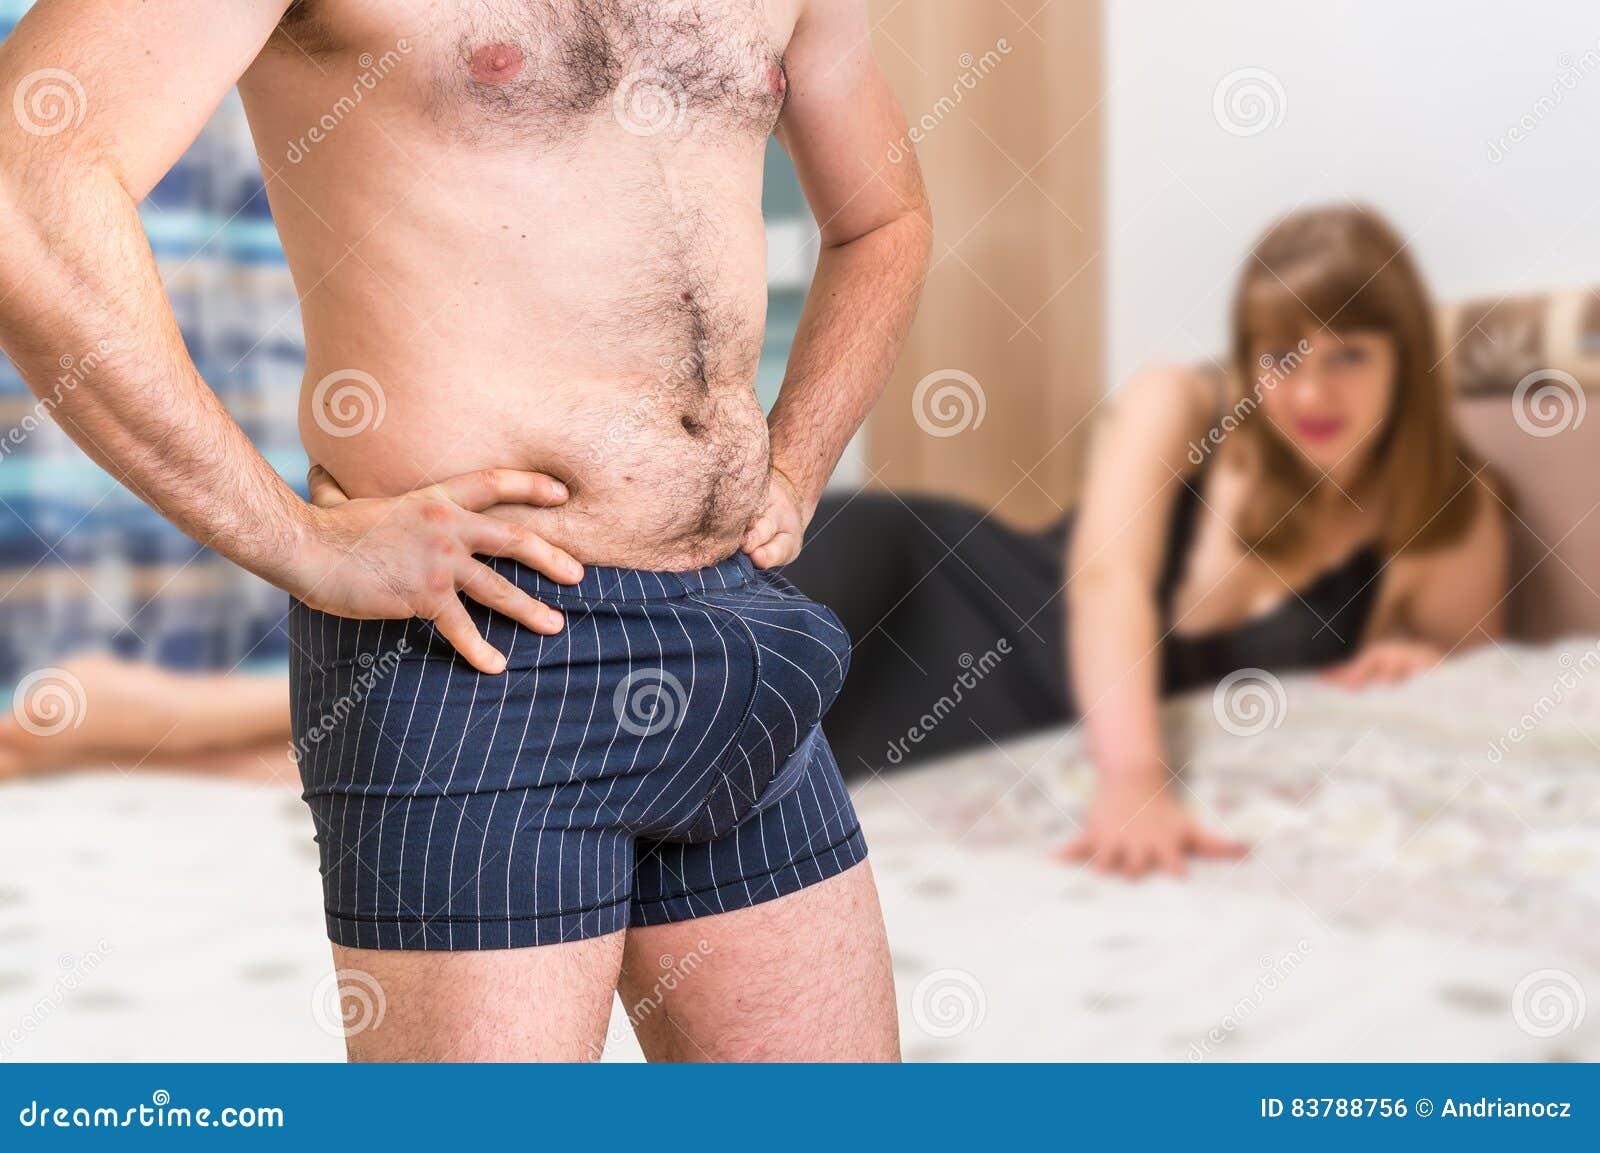 Sexy HD porno foto